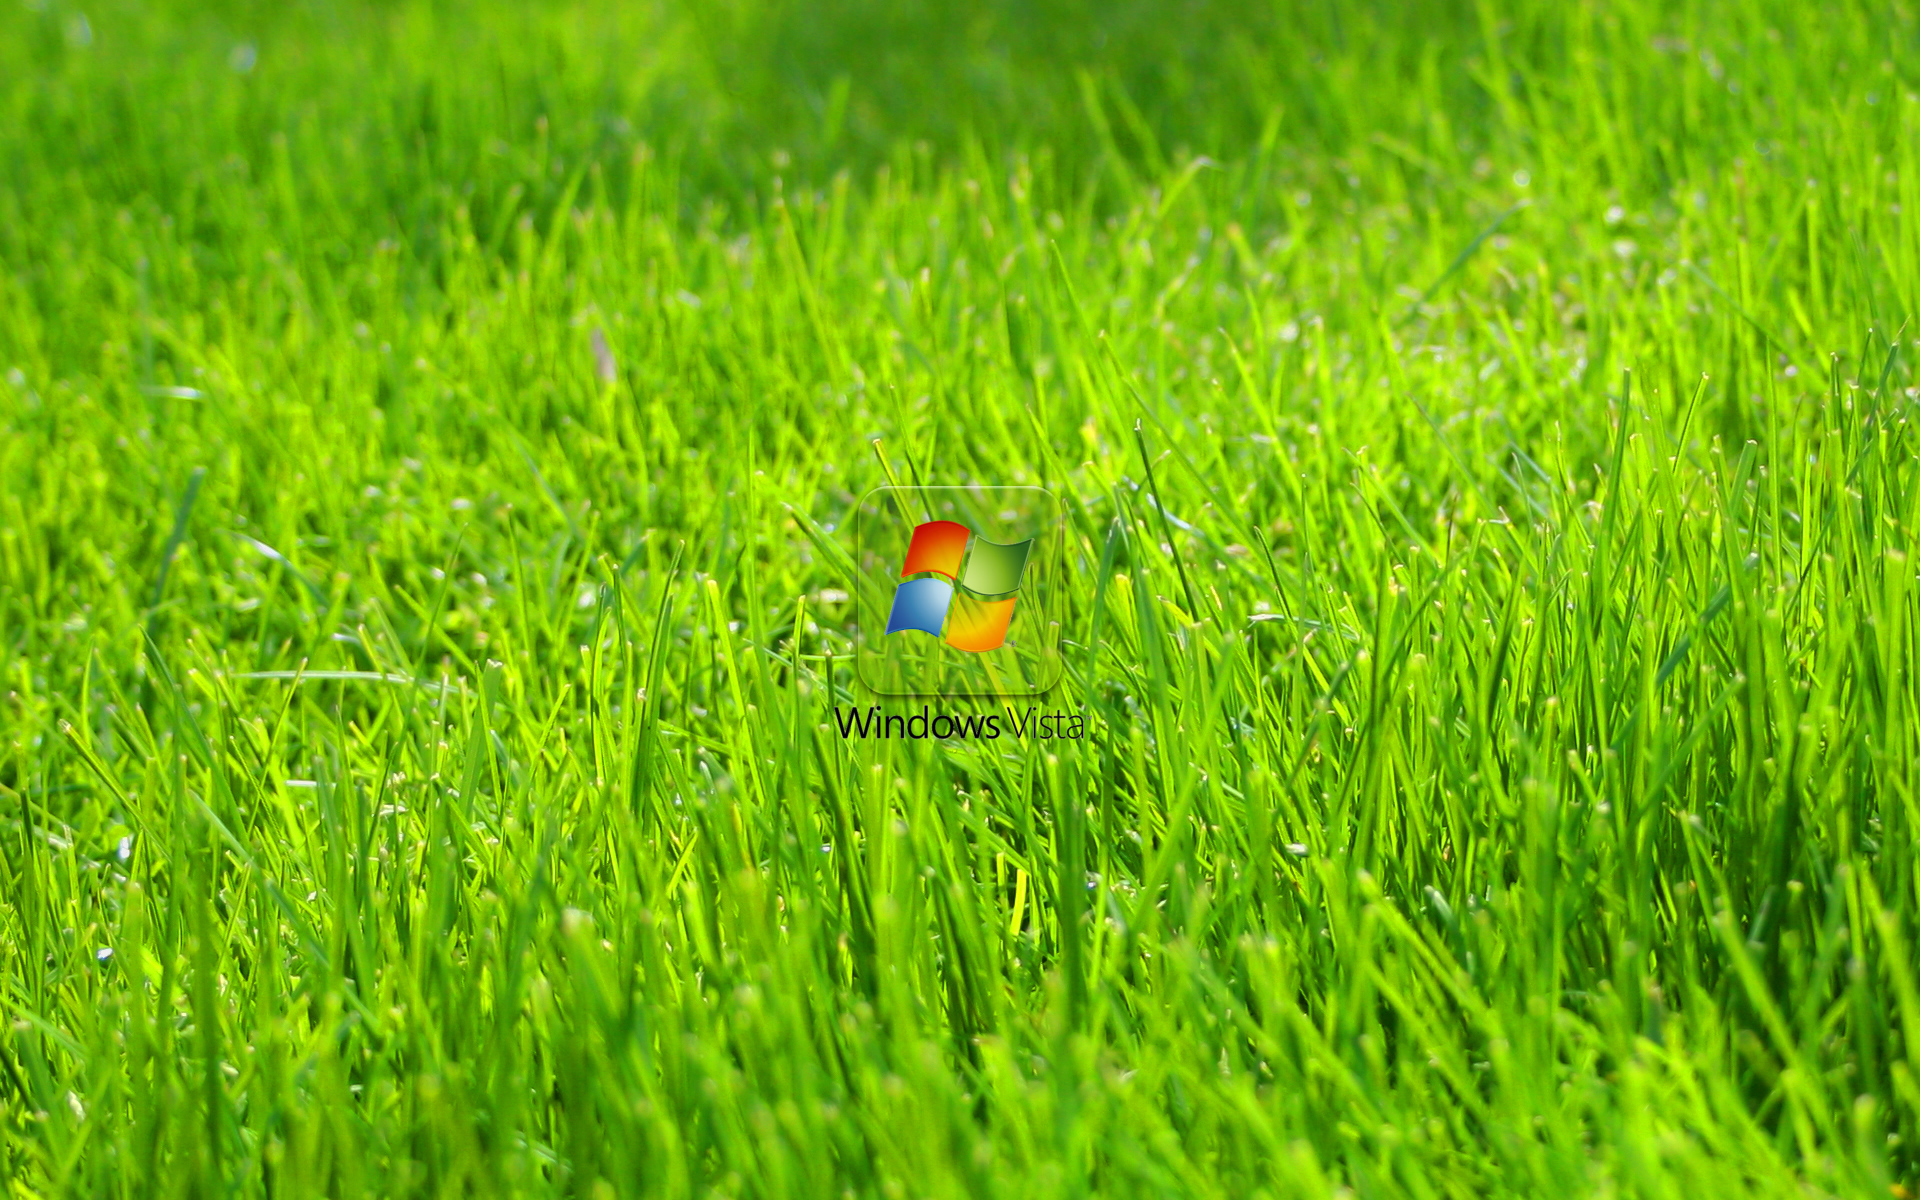 Обои для рабочего стола, windows, зеленая трава